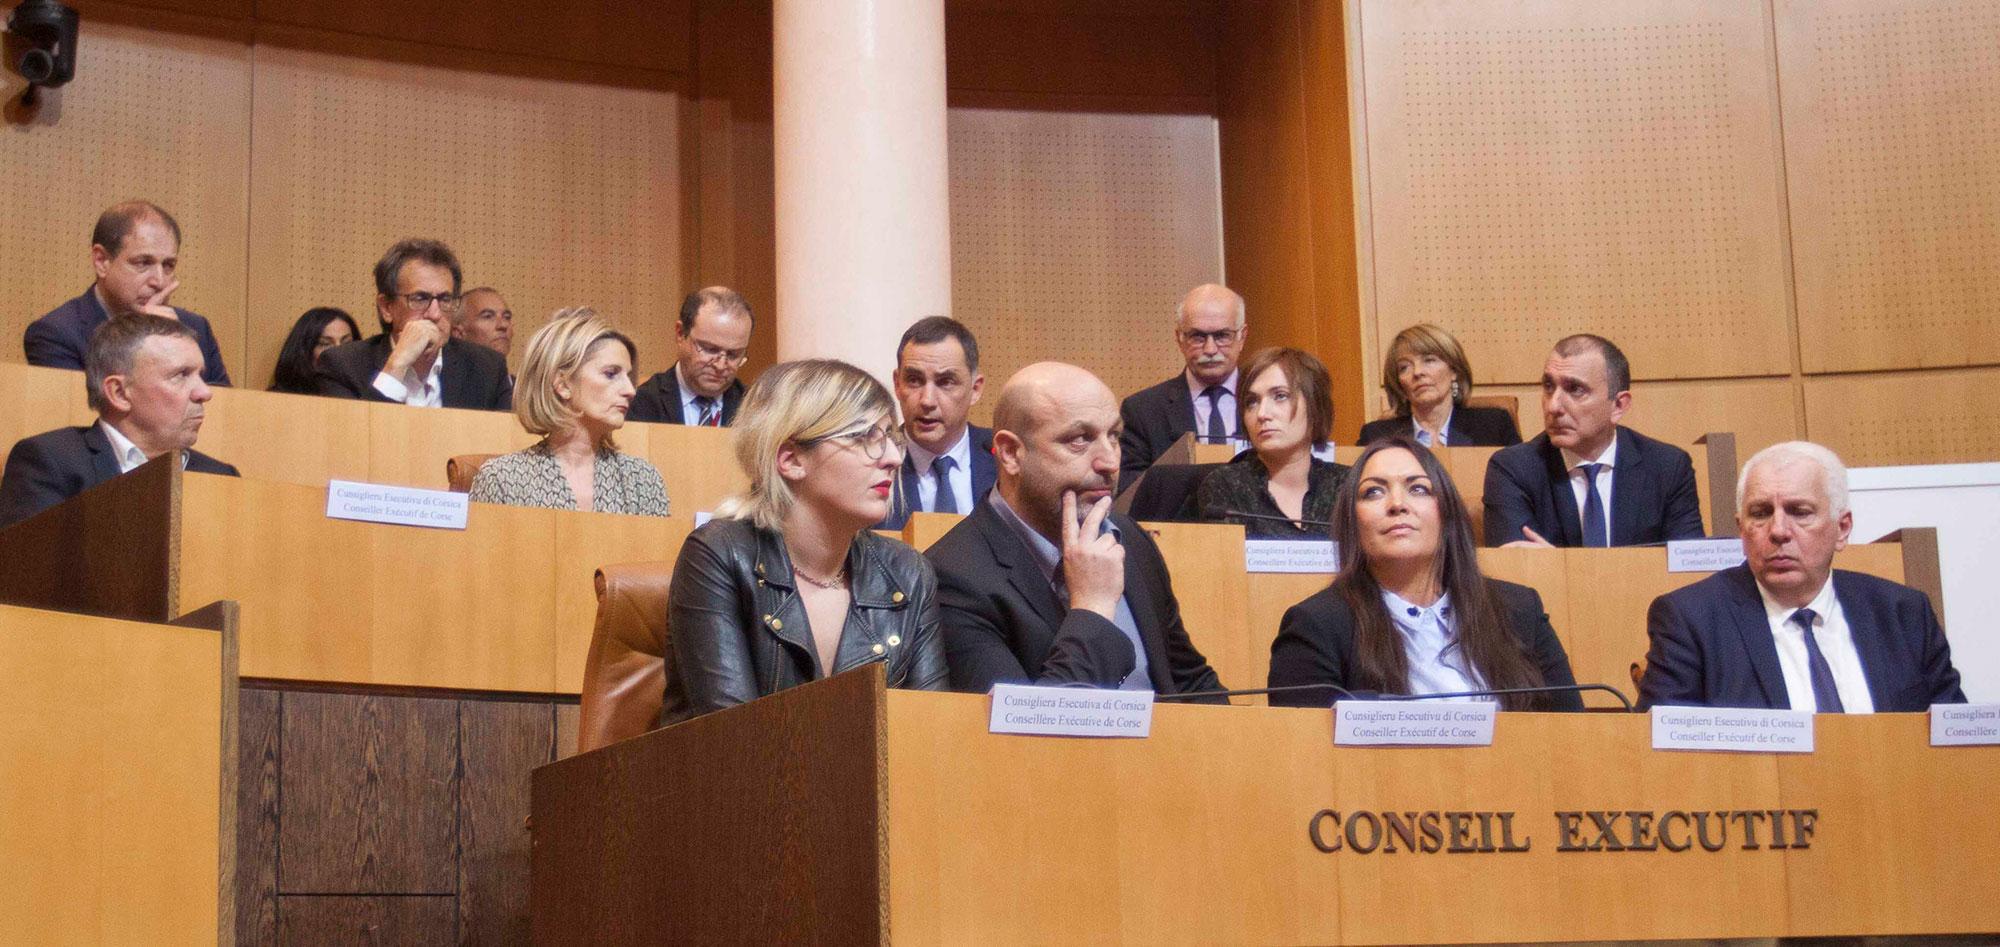 Le Conseil exécutif demande le gel du prix du carburant en Corse et l'institution d'une conférence sociale visant à comprendre et compenser la cherté du carburant en Corse